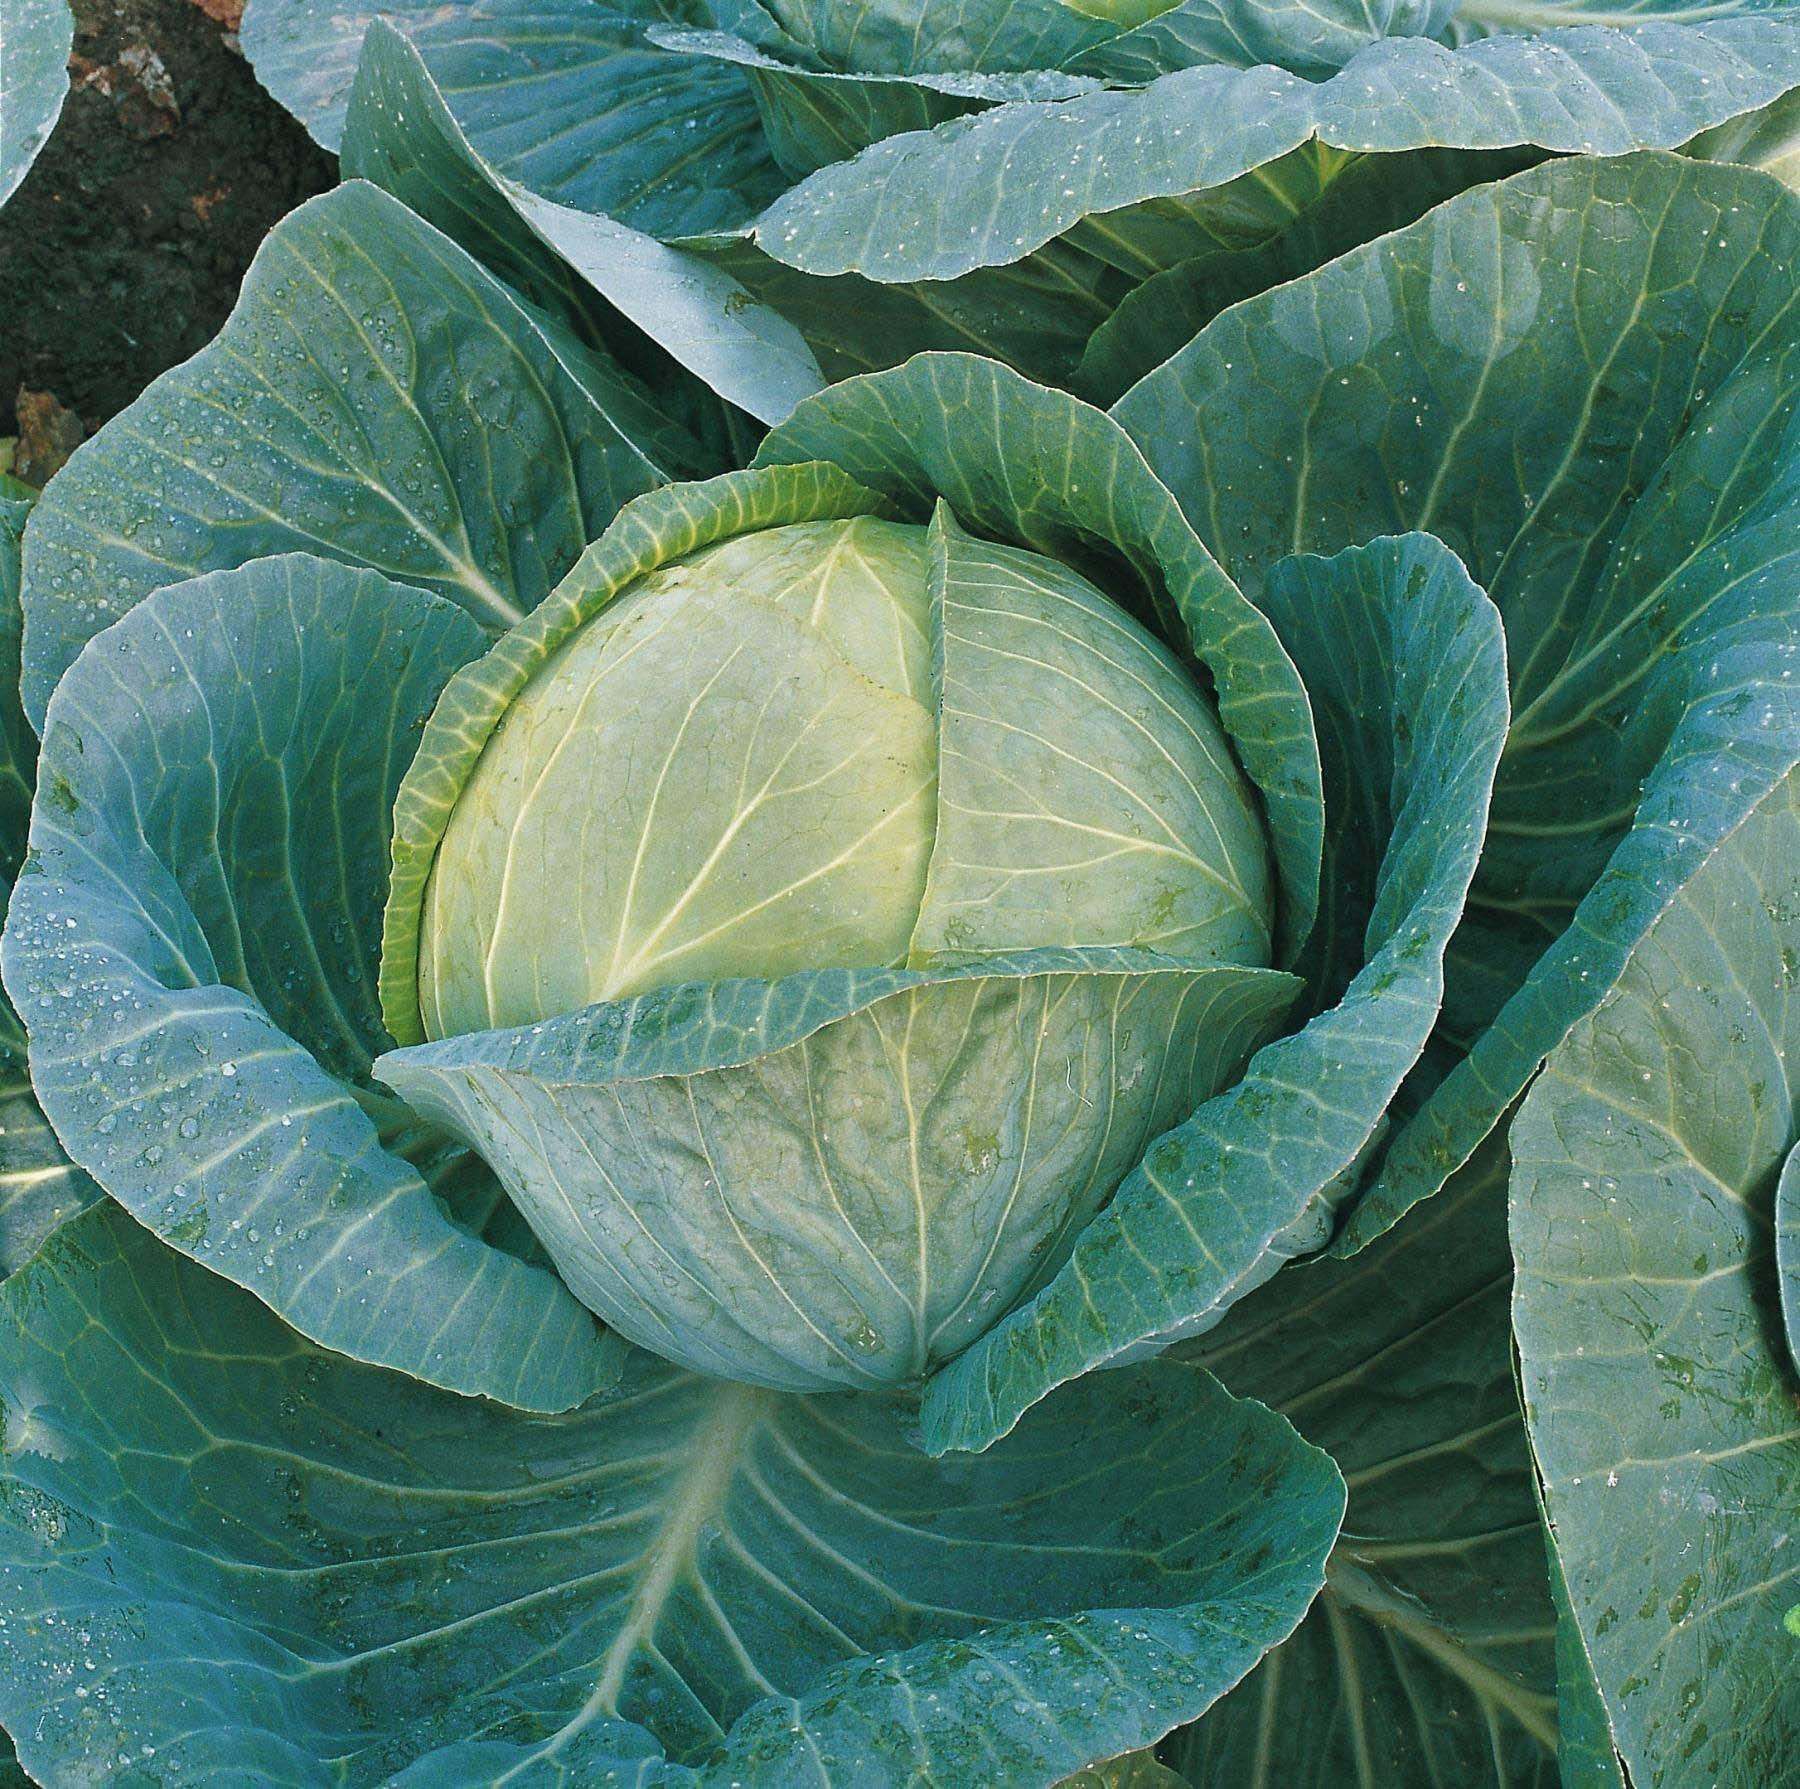 Характеристика капусты сорта крауткайзер - агрономы